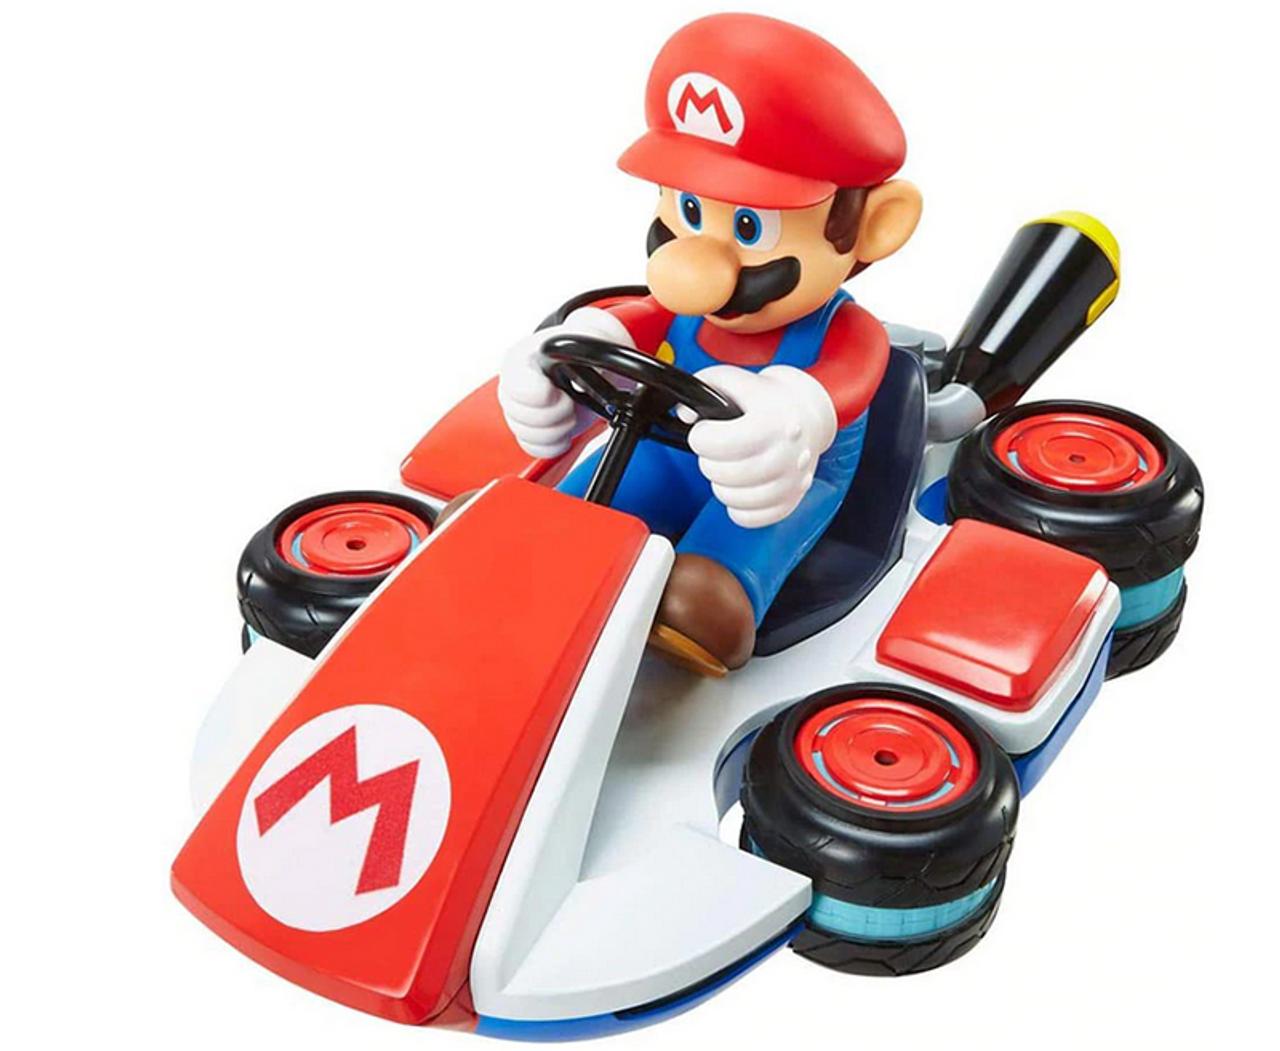 MARIO MINI ANTI-GRAVITY R/C RACER